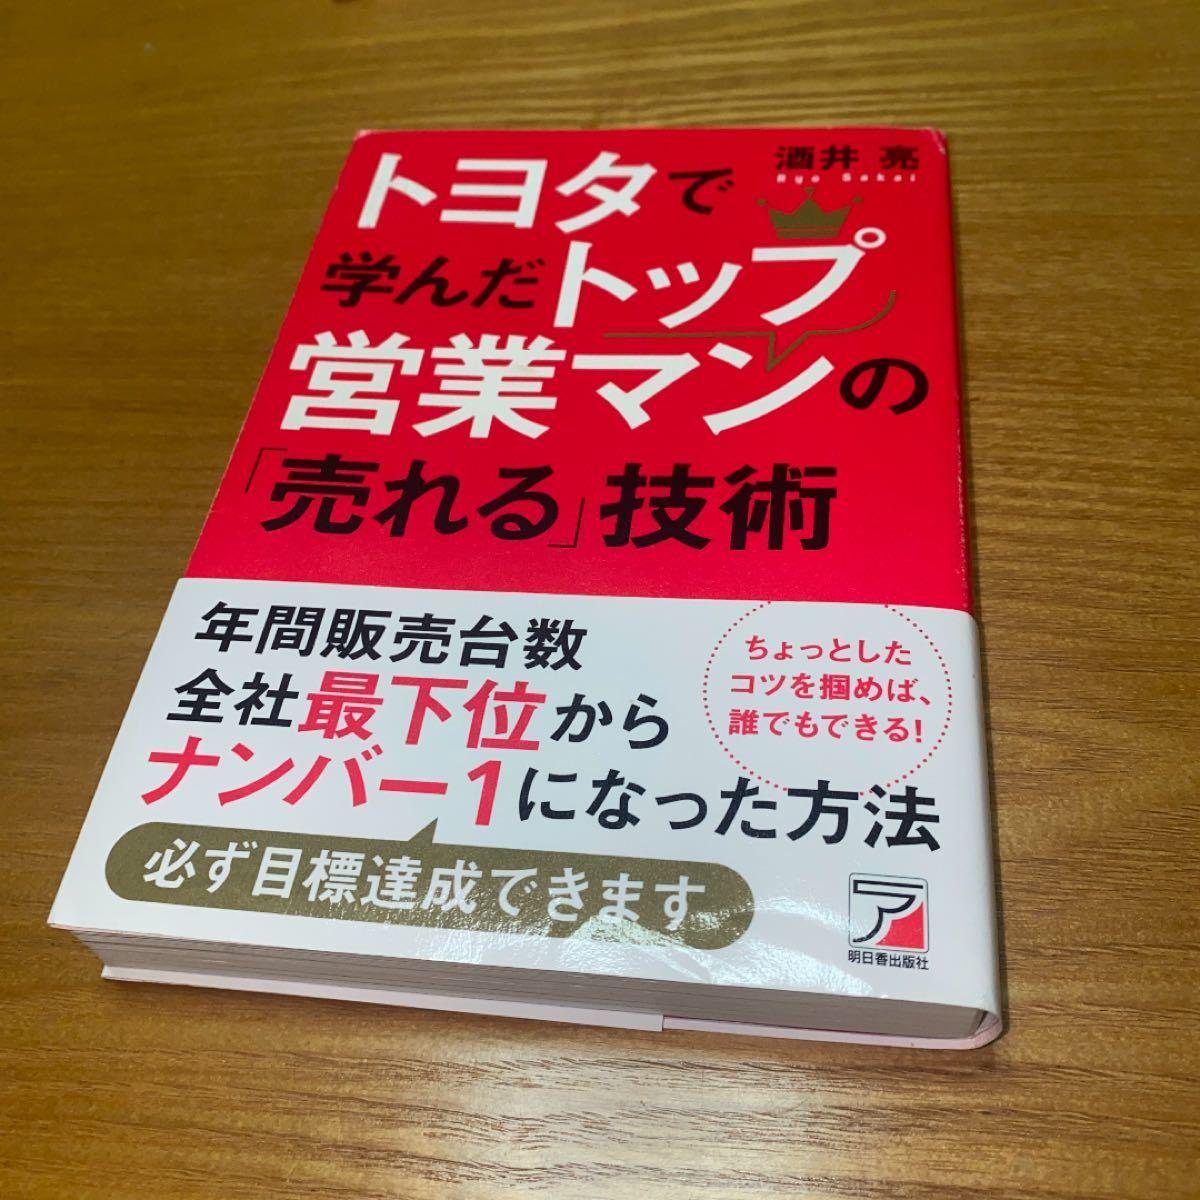 トヨタで学んだトップ営業マンの「売れる」技術